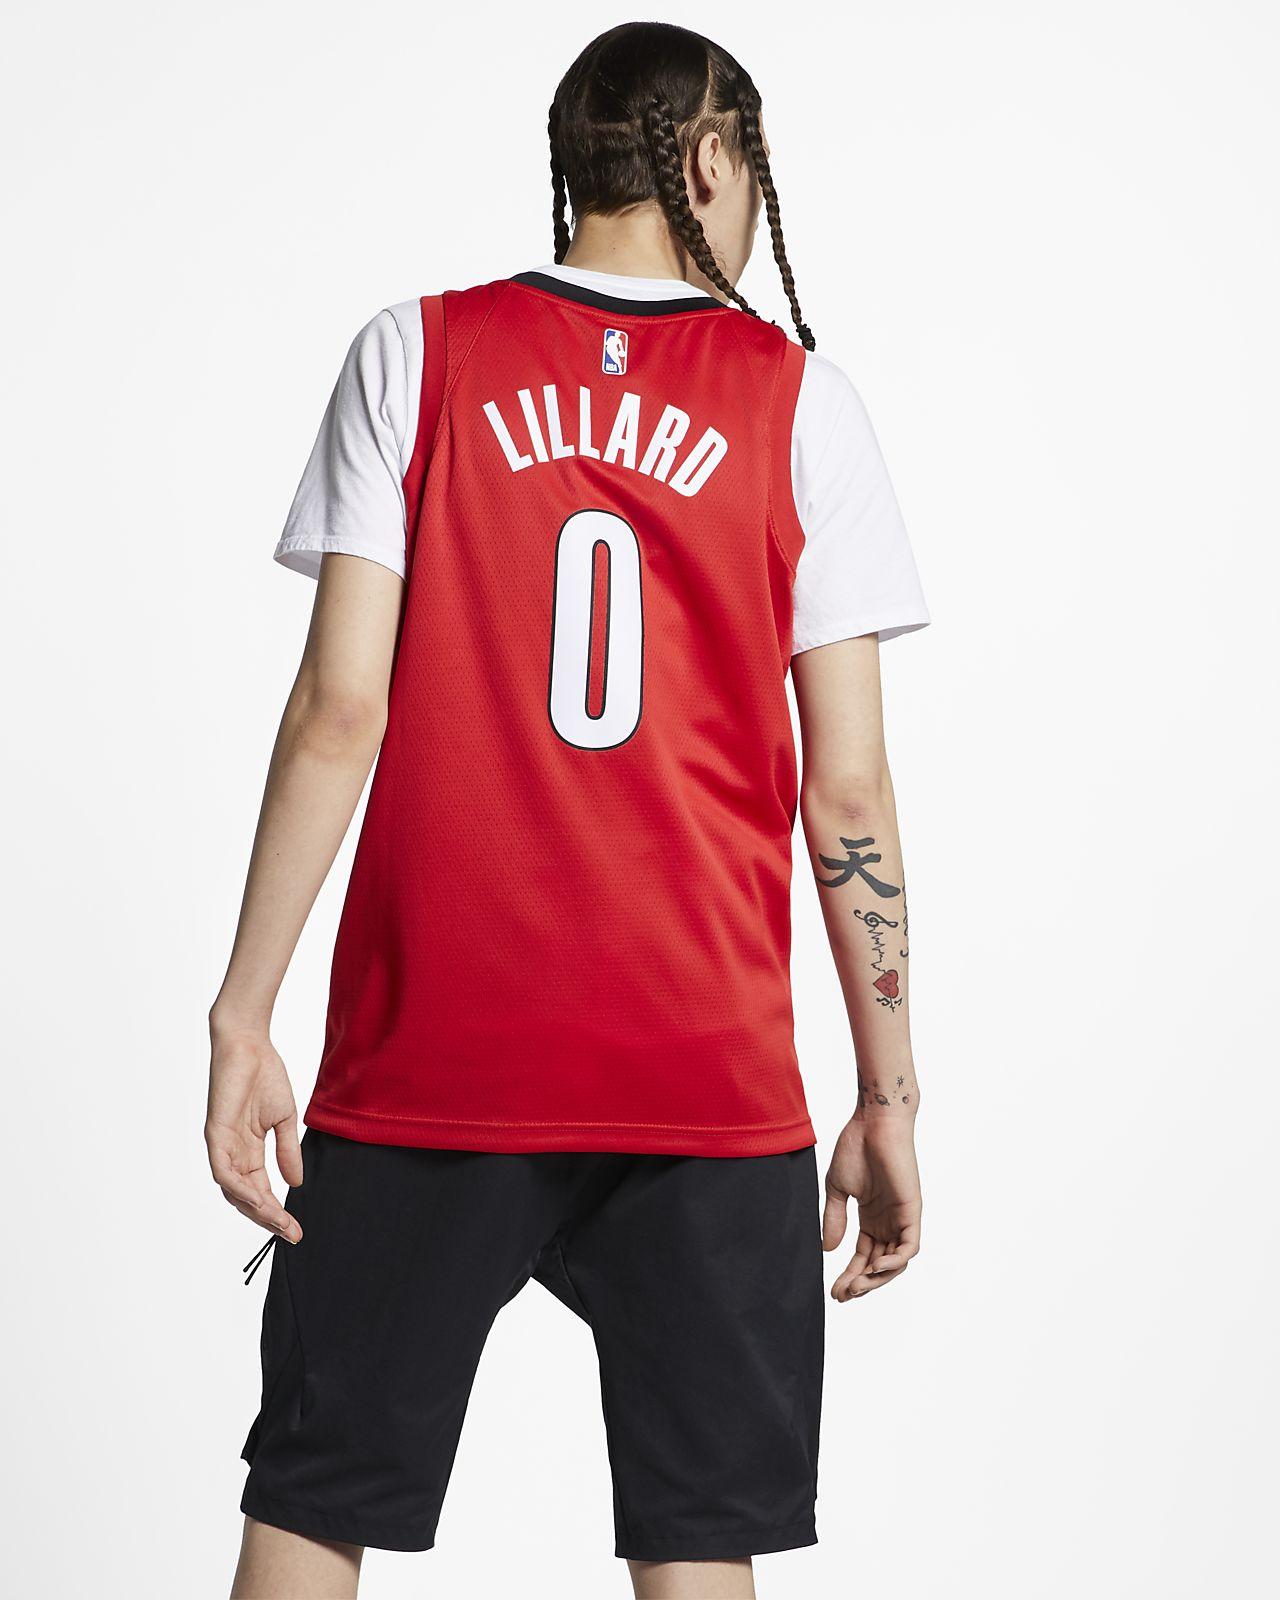 2ae4a9864 ... Damian Lillard Earned City Edition Swingman (Portland Trail Blazers)  Men s Nike NBA Connected Jersey